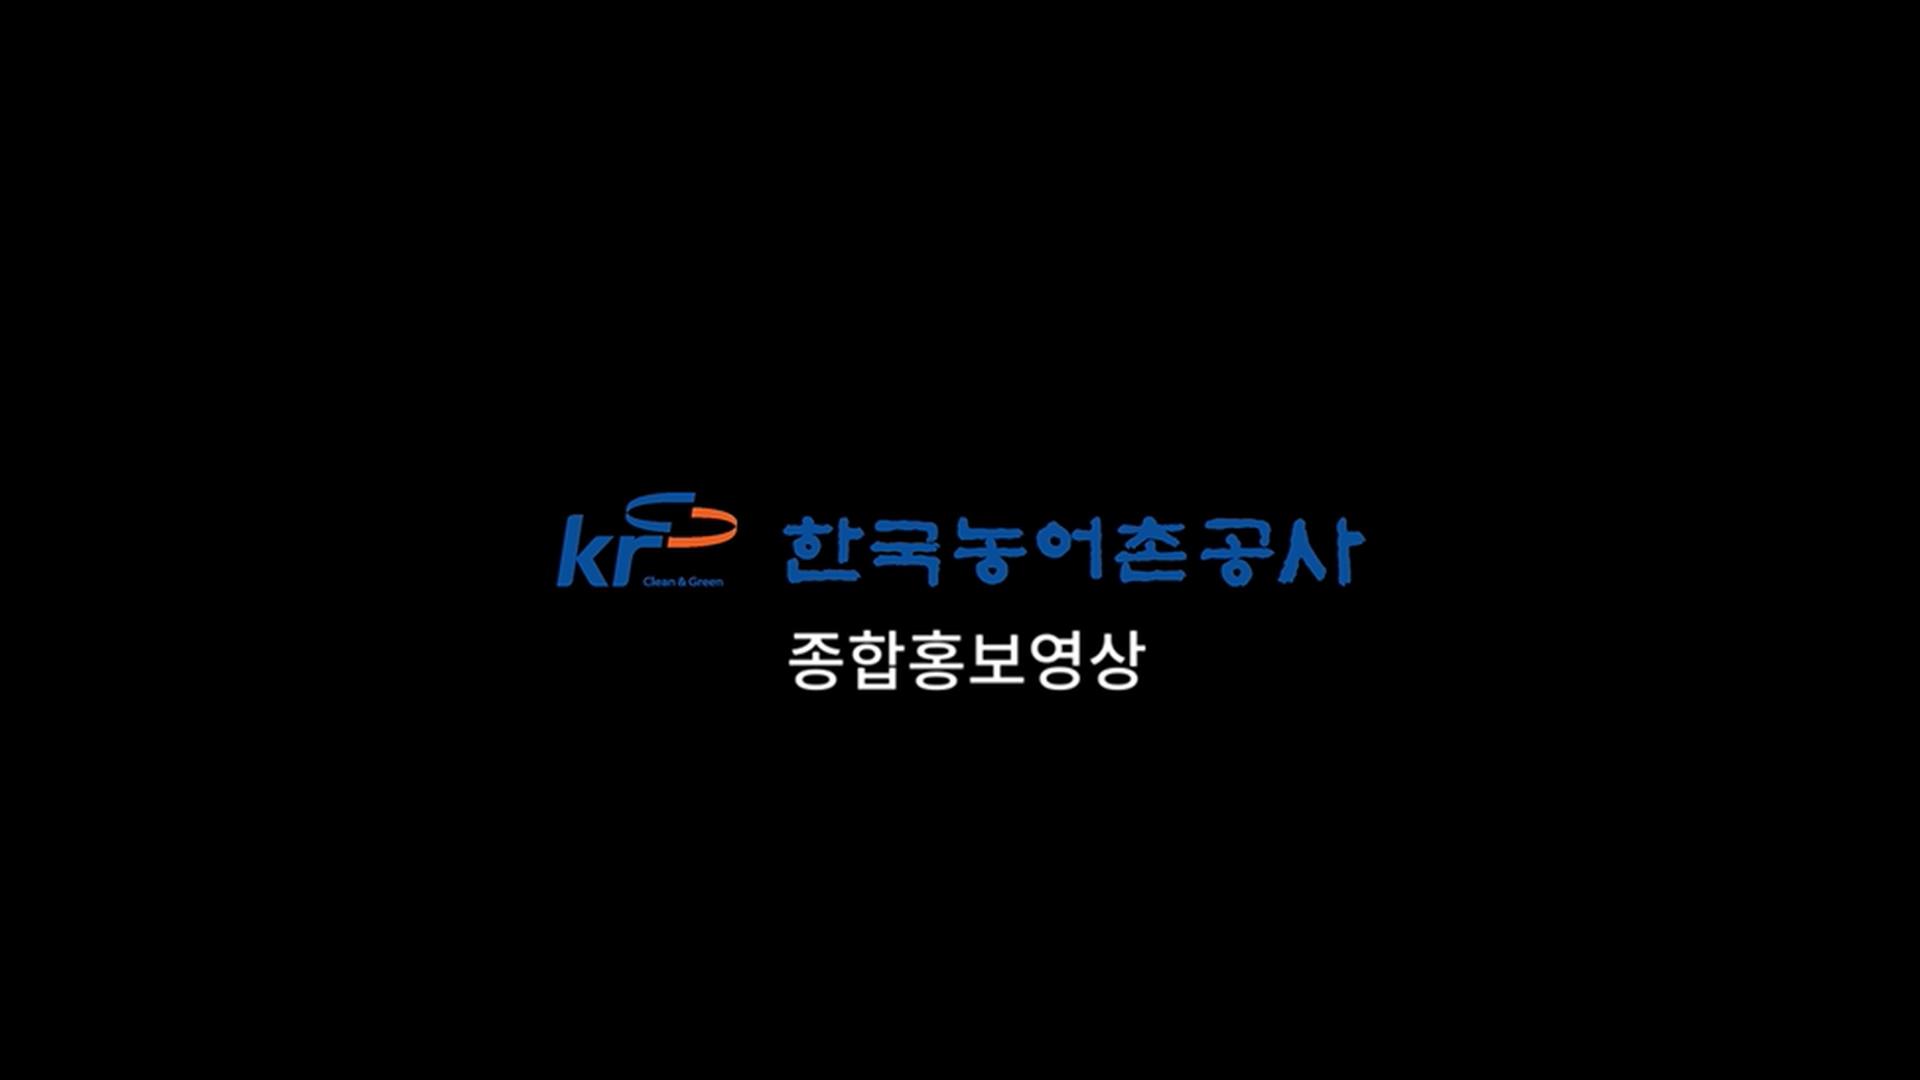 [국문] KRC 홍보영상 (7'20'') ver2018 홍보이미지